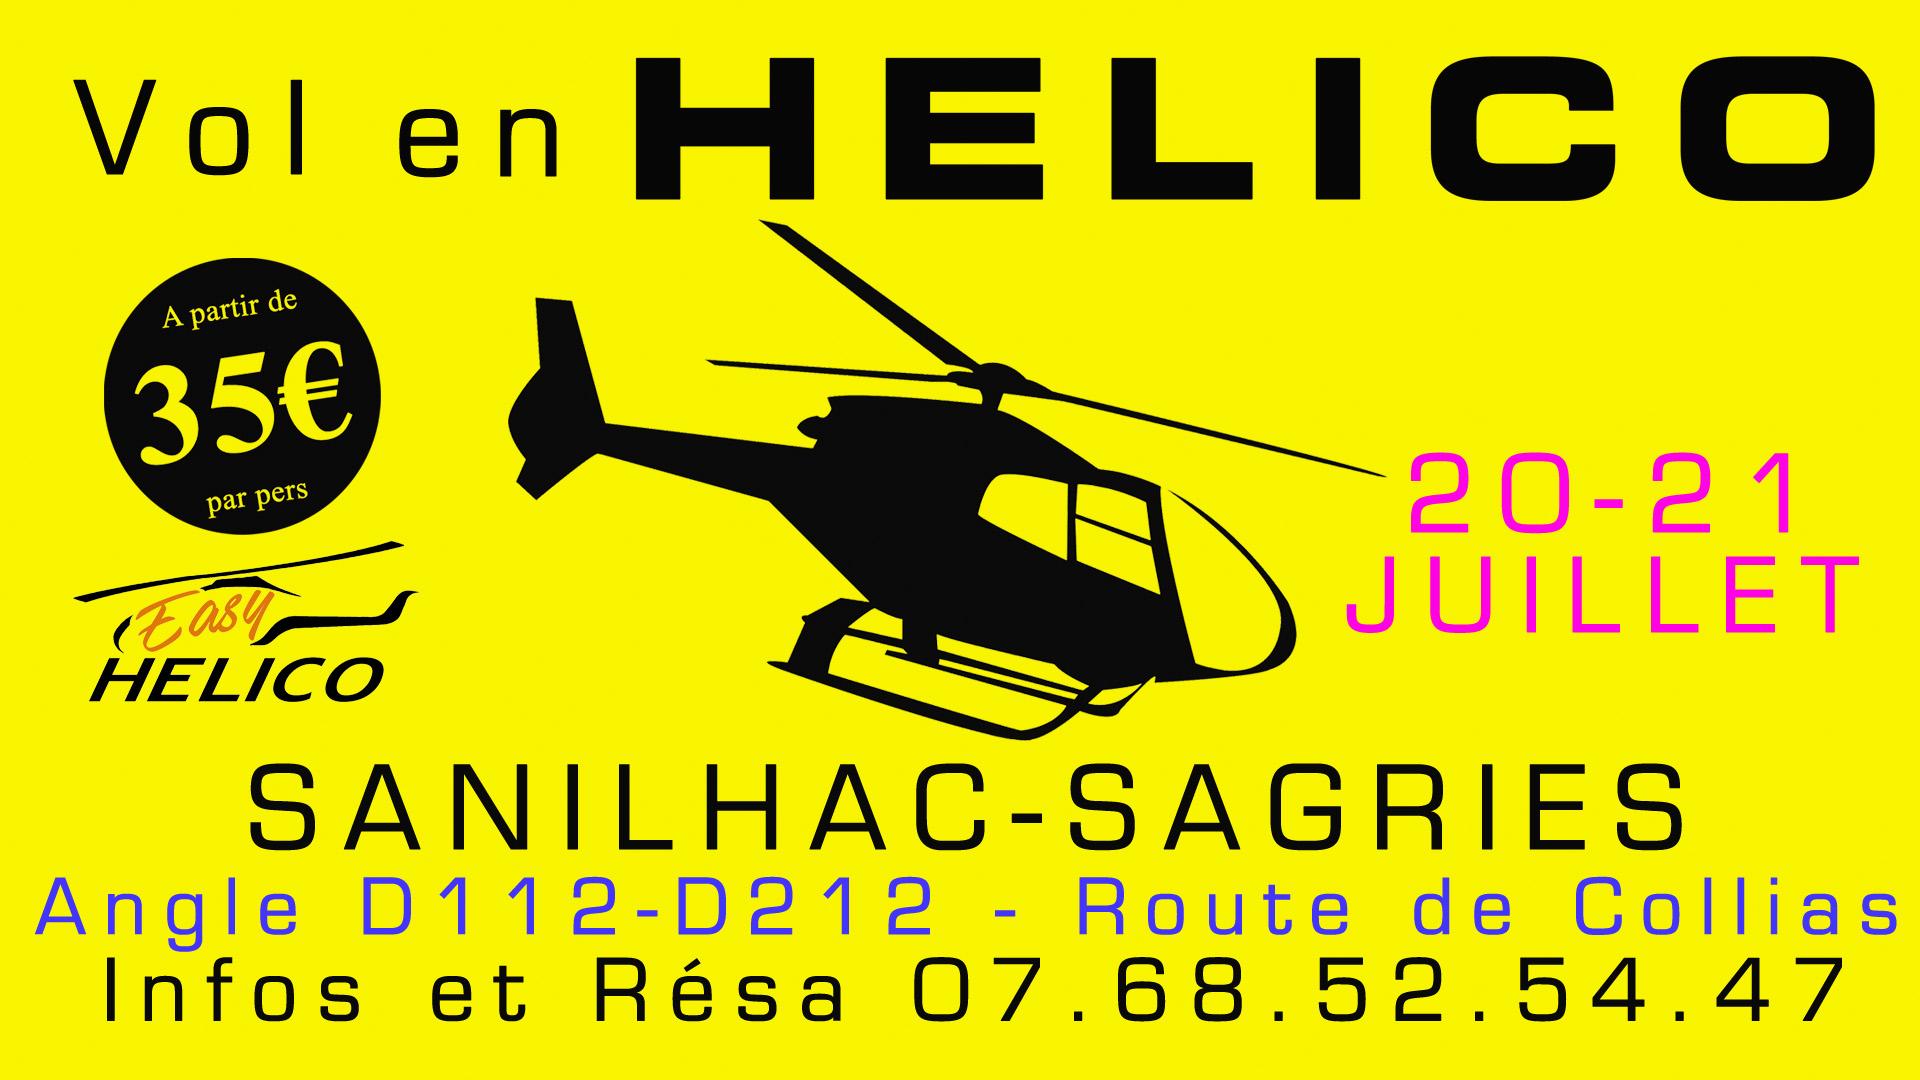 Bapteme hélico rosans 20-21 juillet 2019